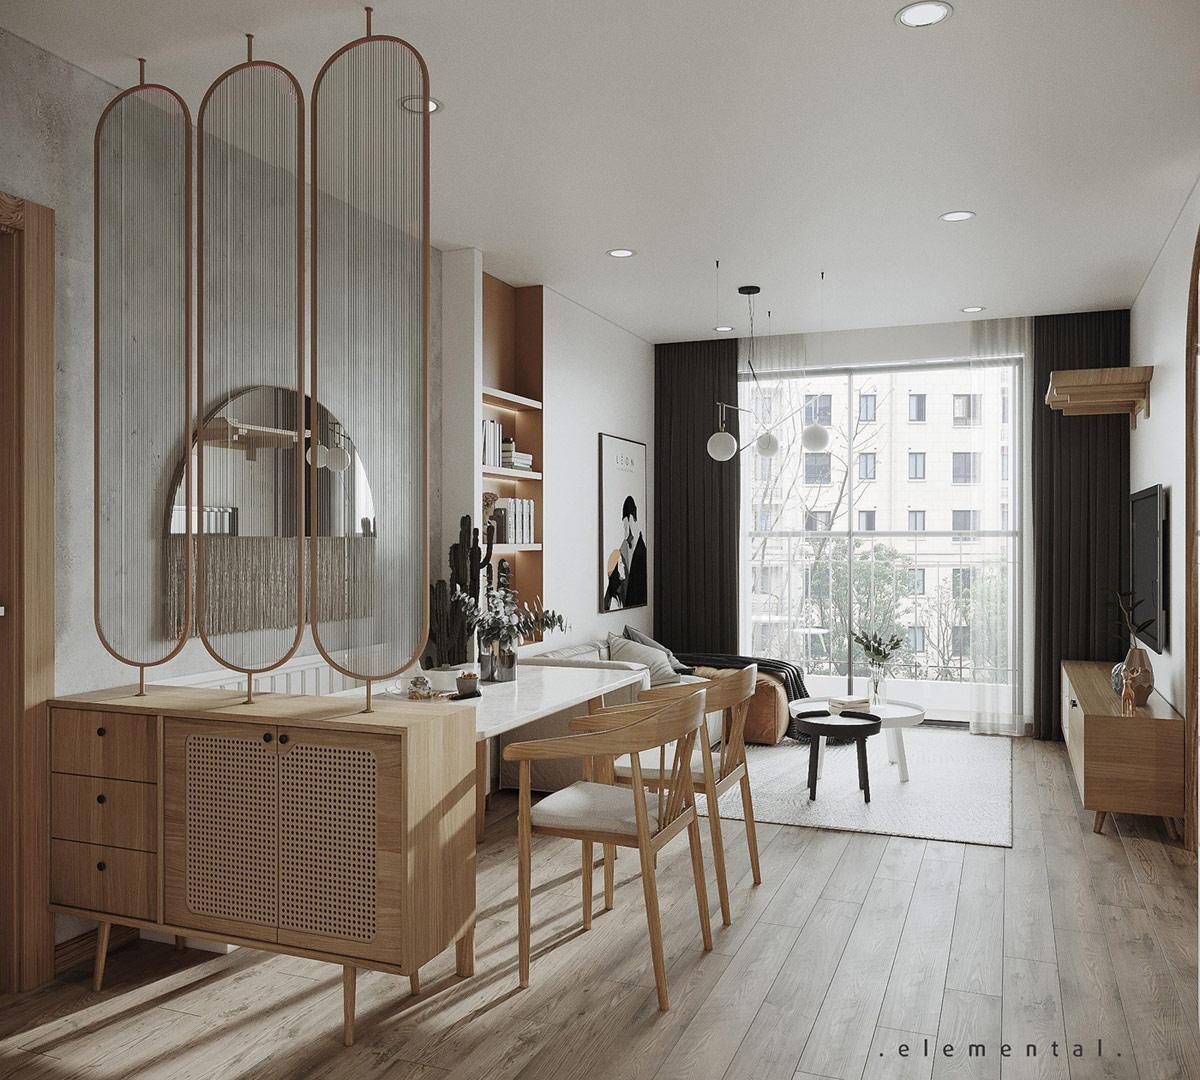 Tư vấn thiết kế căn hộ 69m² với tổng chi phí dưới 170 triệu với phong cách tối giản - Ảnh 4.